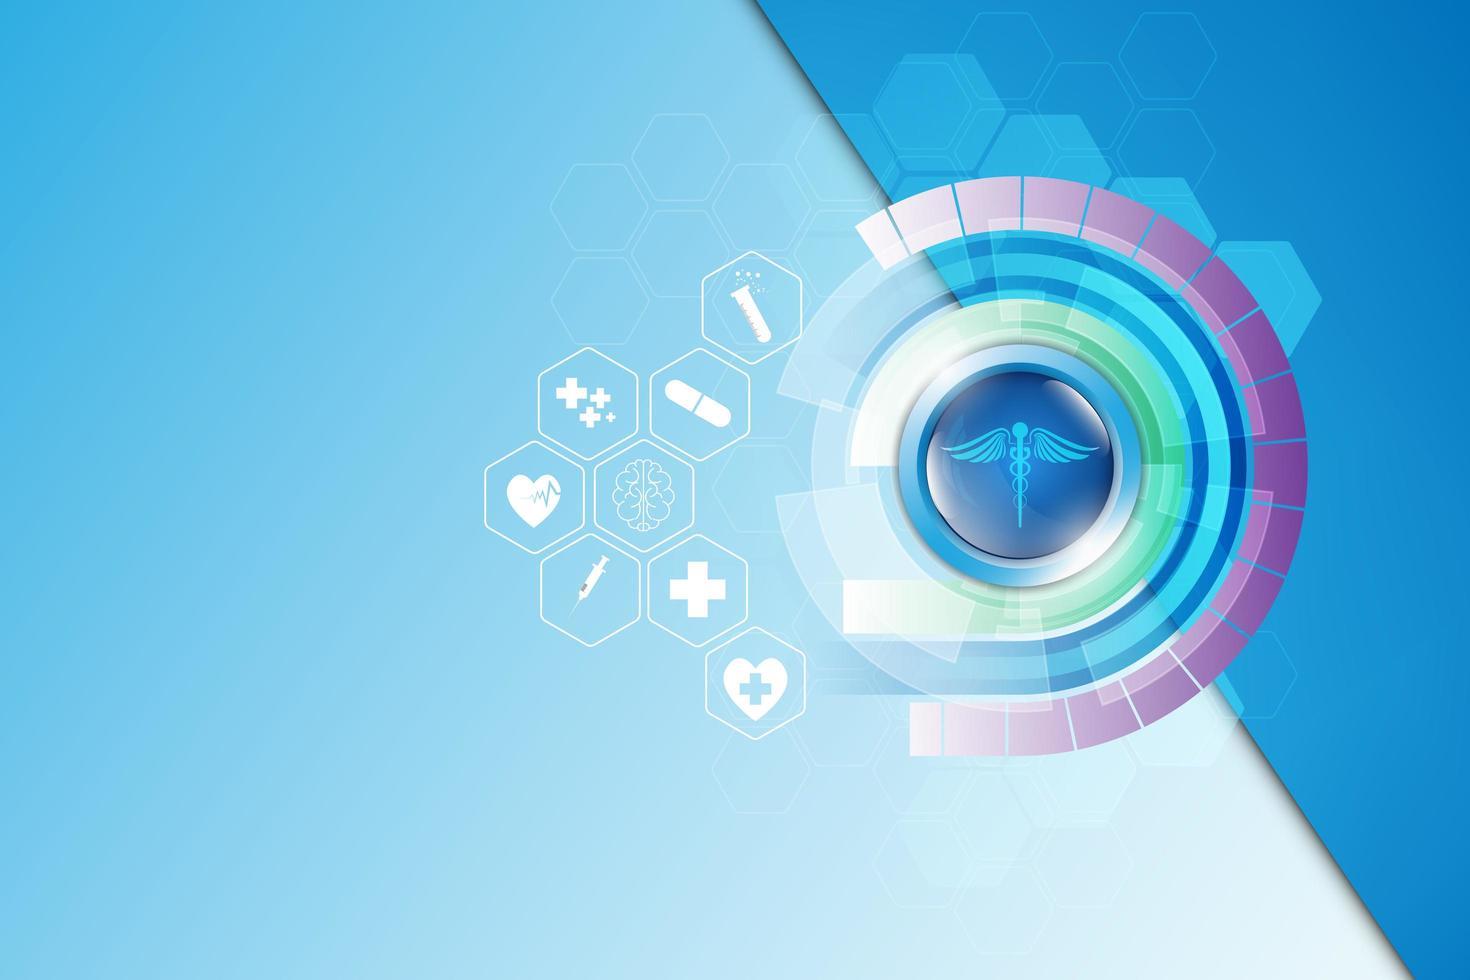 medicinska vetenskap ikoner på abstrakt teknik bakgrund vektor